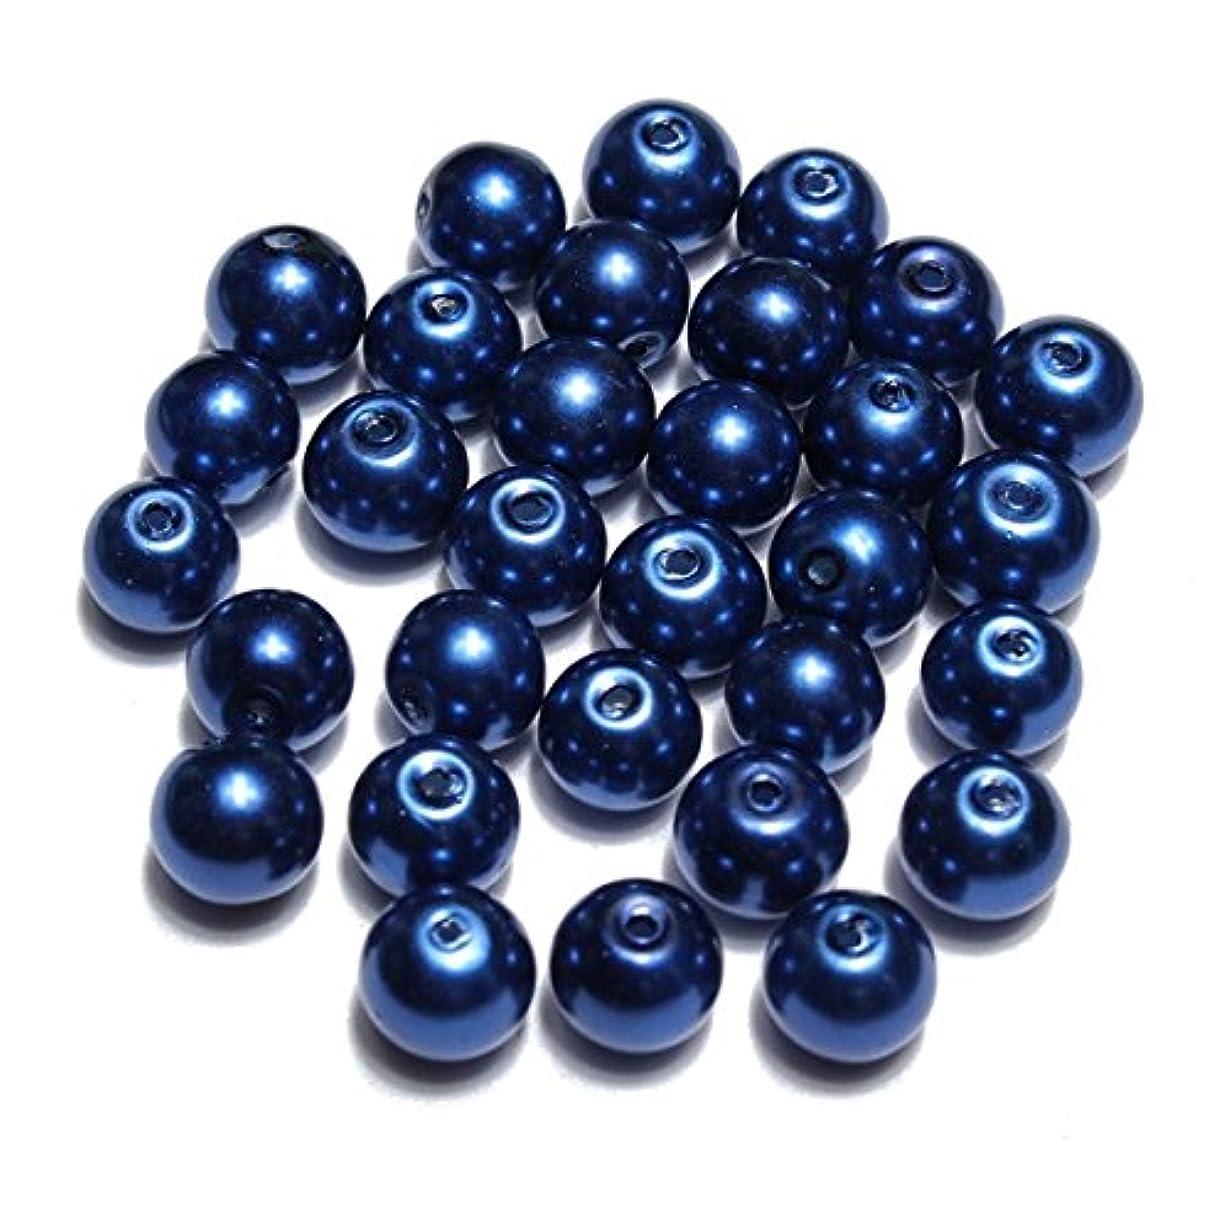 交響曲ズームのぞき穴GUQQRZCT 4 6 8ミリメートルマルチカラーガラスビーズラウンドスペーサールーズビーズDIYジュエリーアクセサリー (Color : Color Blue, Size : Diameter 8mm)